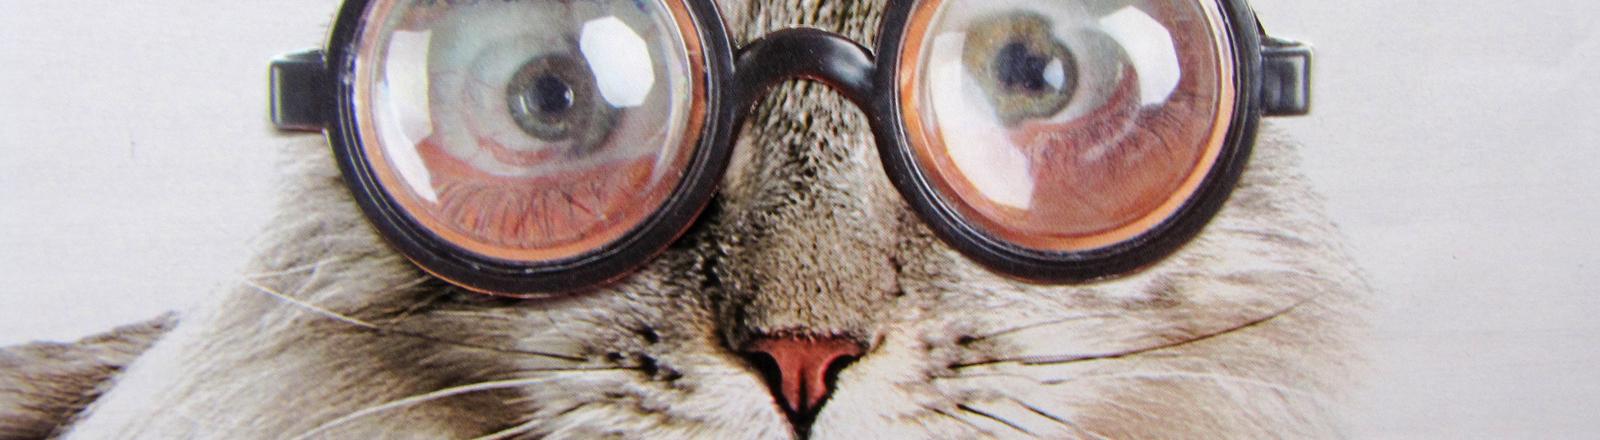 Katze mit Brille.